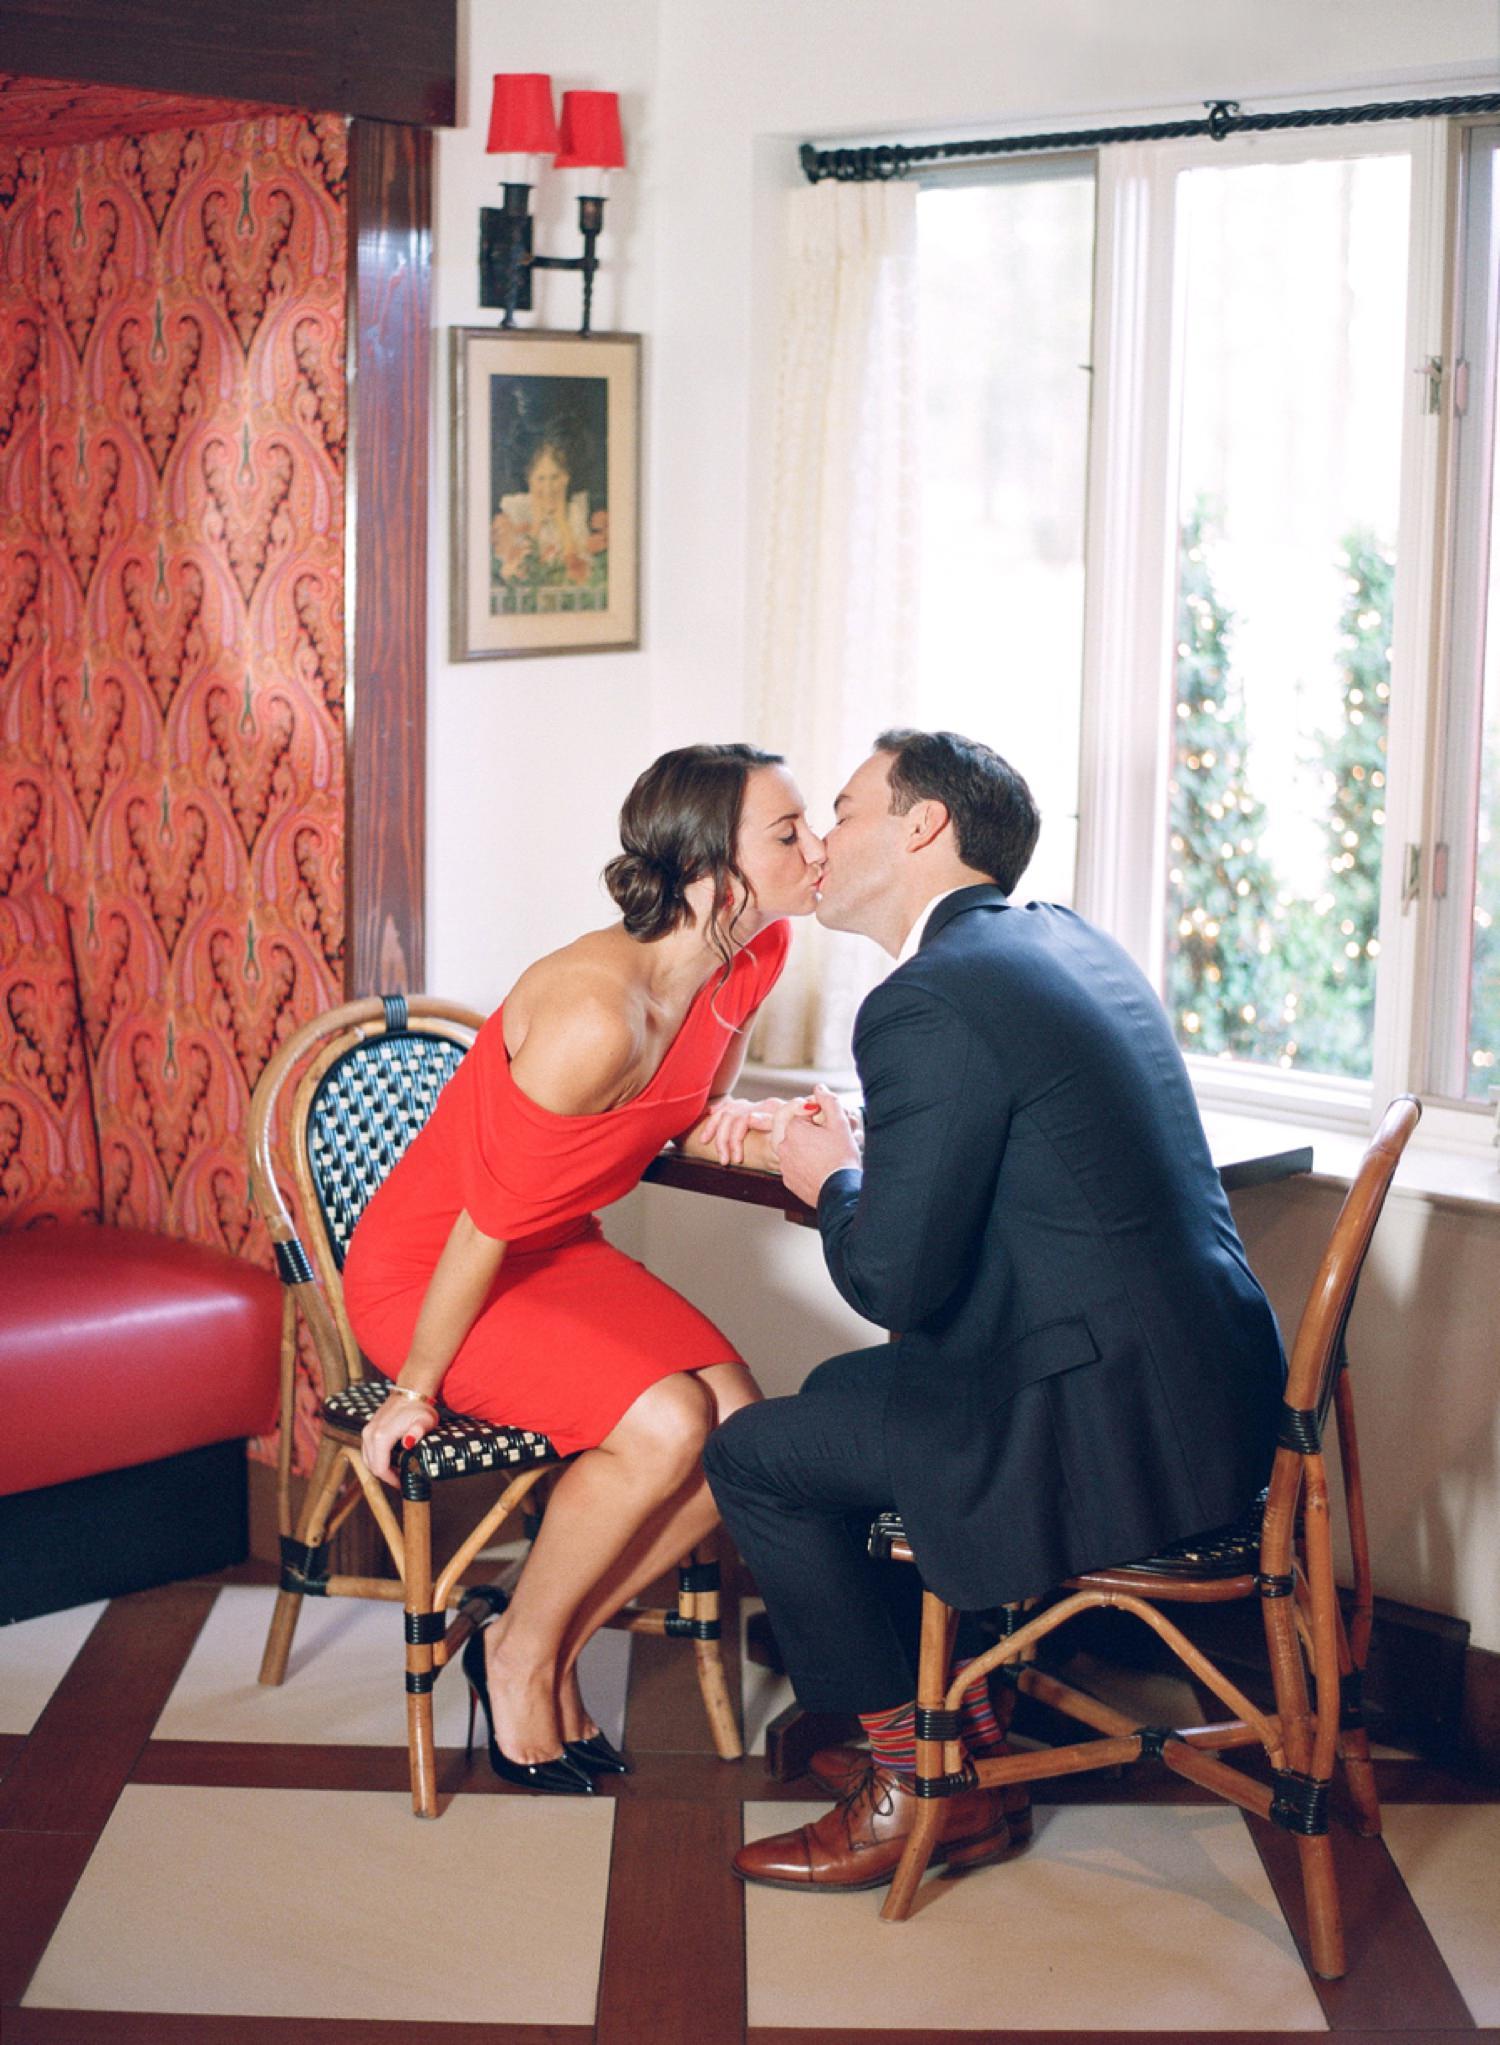 L'Auberge Chez Francois engagement session